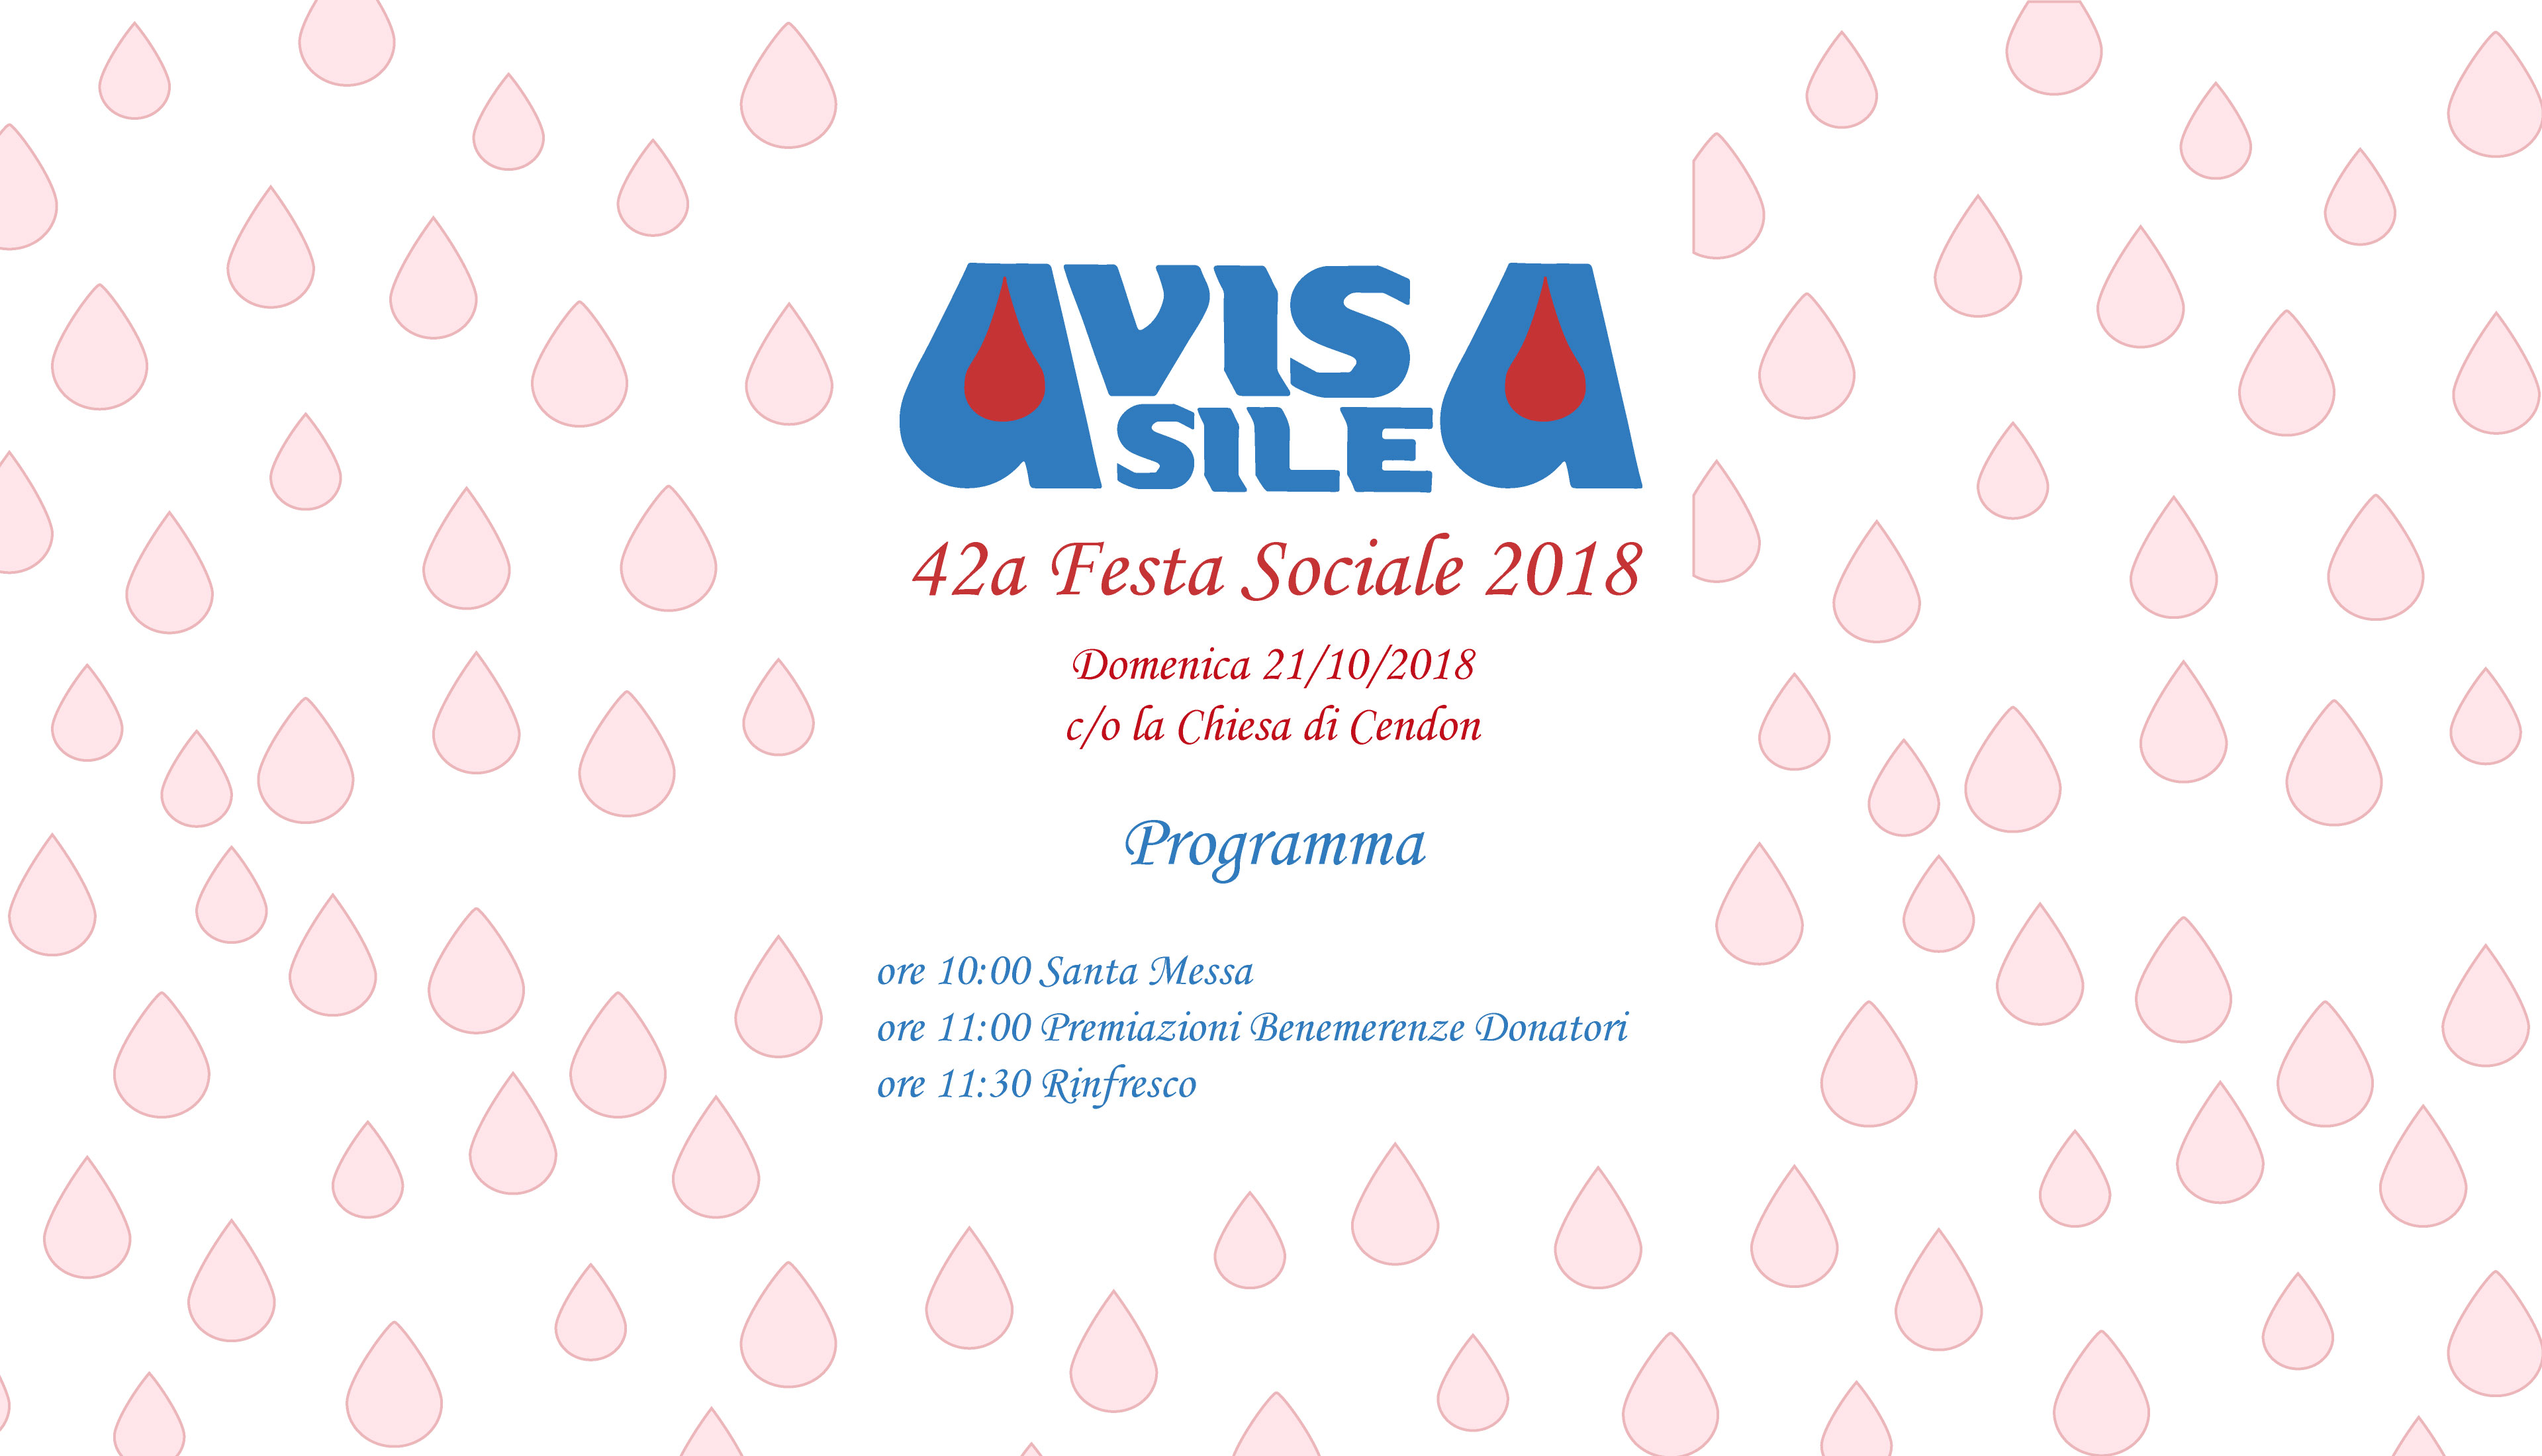 Festa Sociale AviSilea 2018